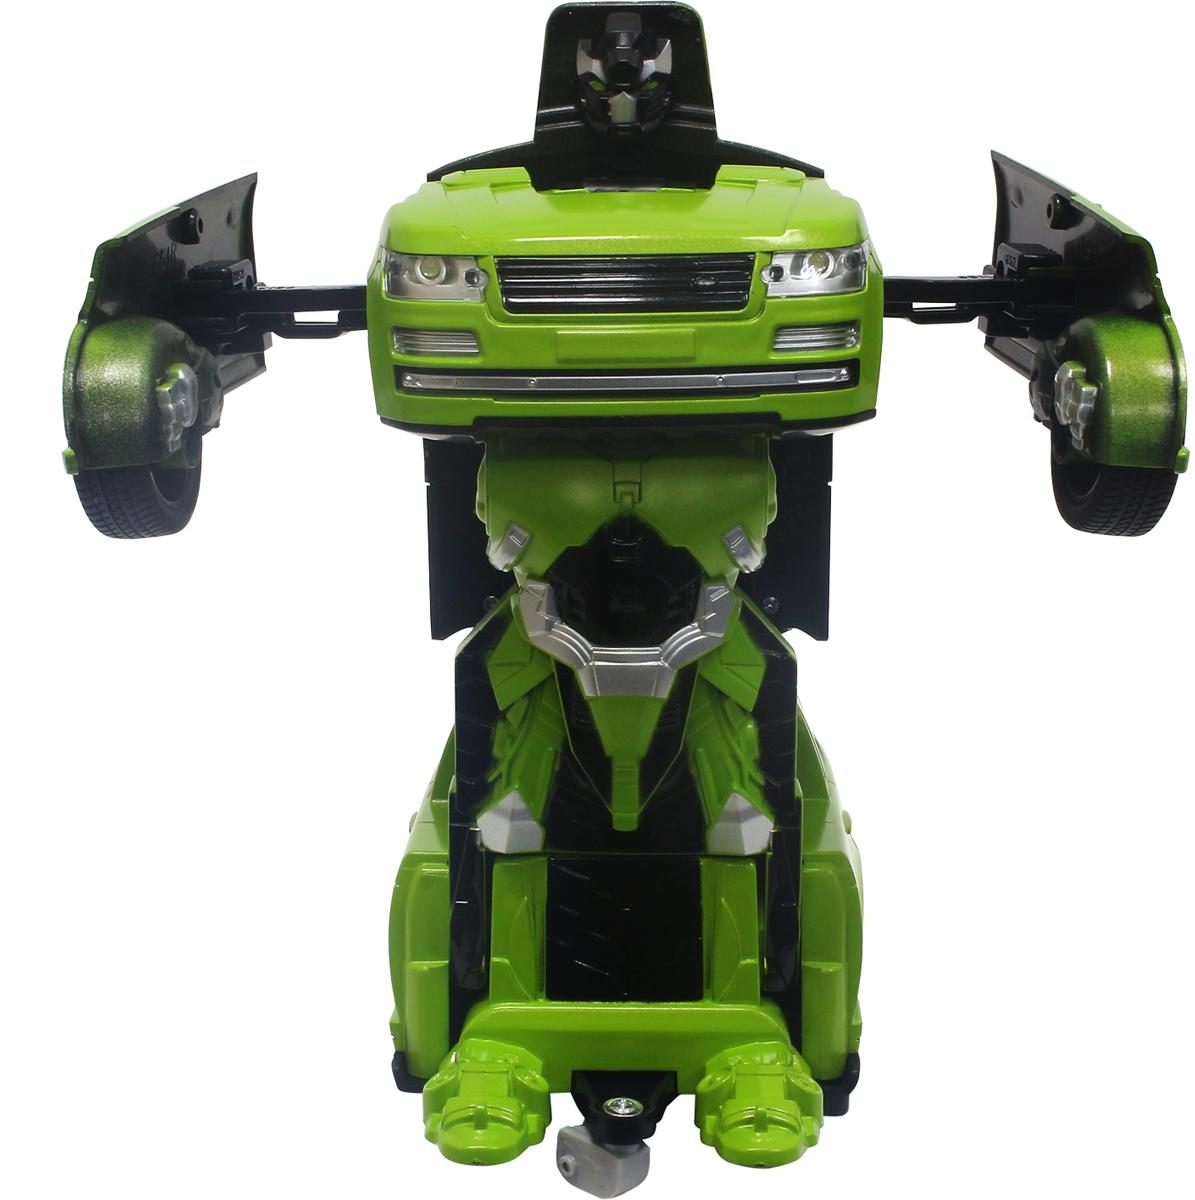 1TOY Робот-трансформер на радиоуправлении Джип цвет зелуный